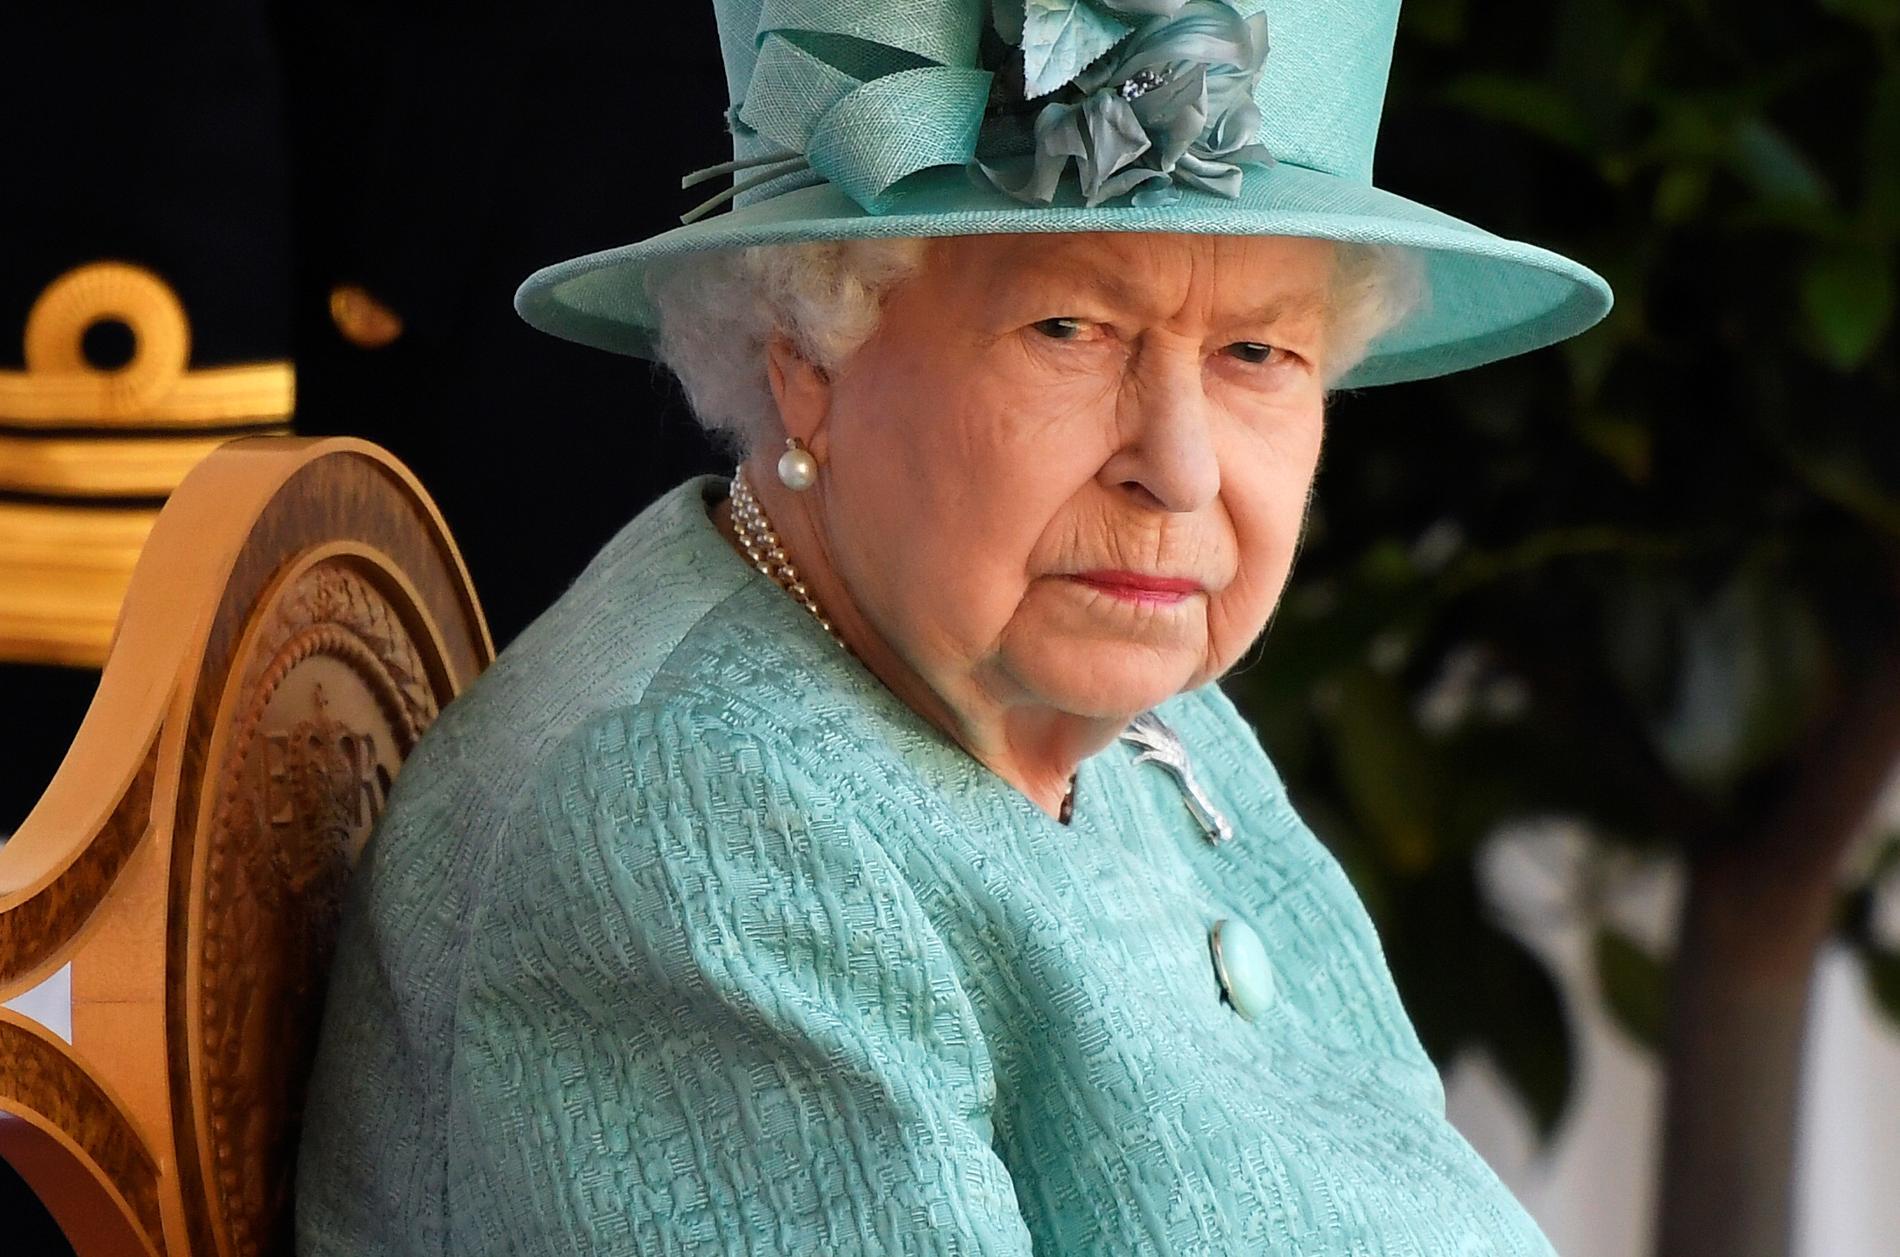 Drottning Elizabeth stoppade planerna.